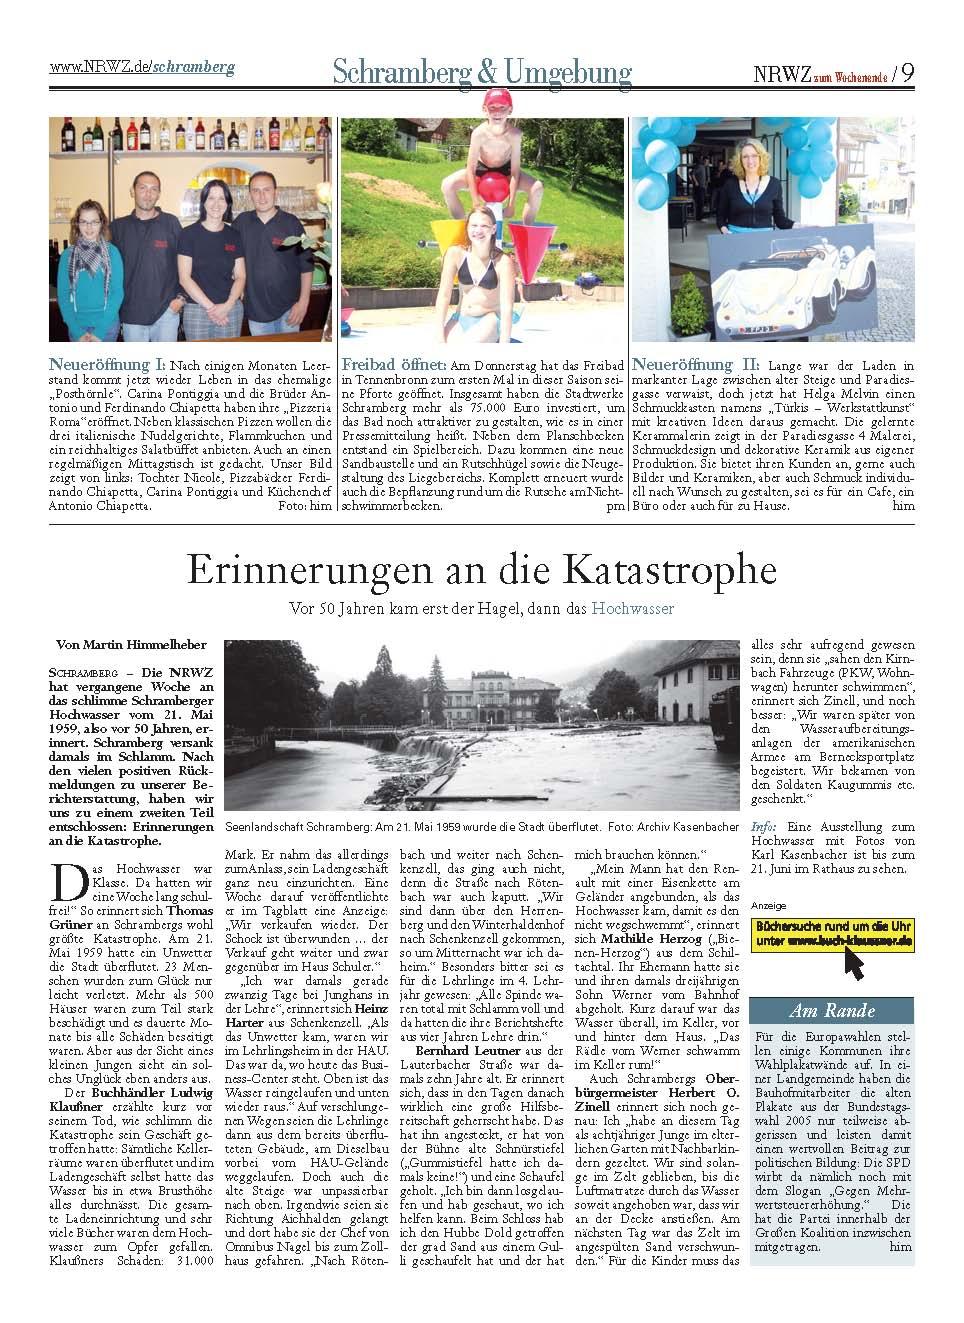 2009-05-23-erinnerung-an-eine-katastrophe.1243353703.jpg